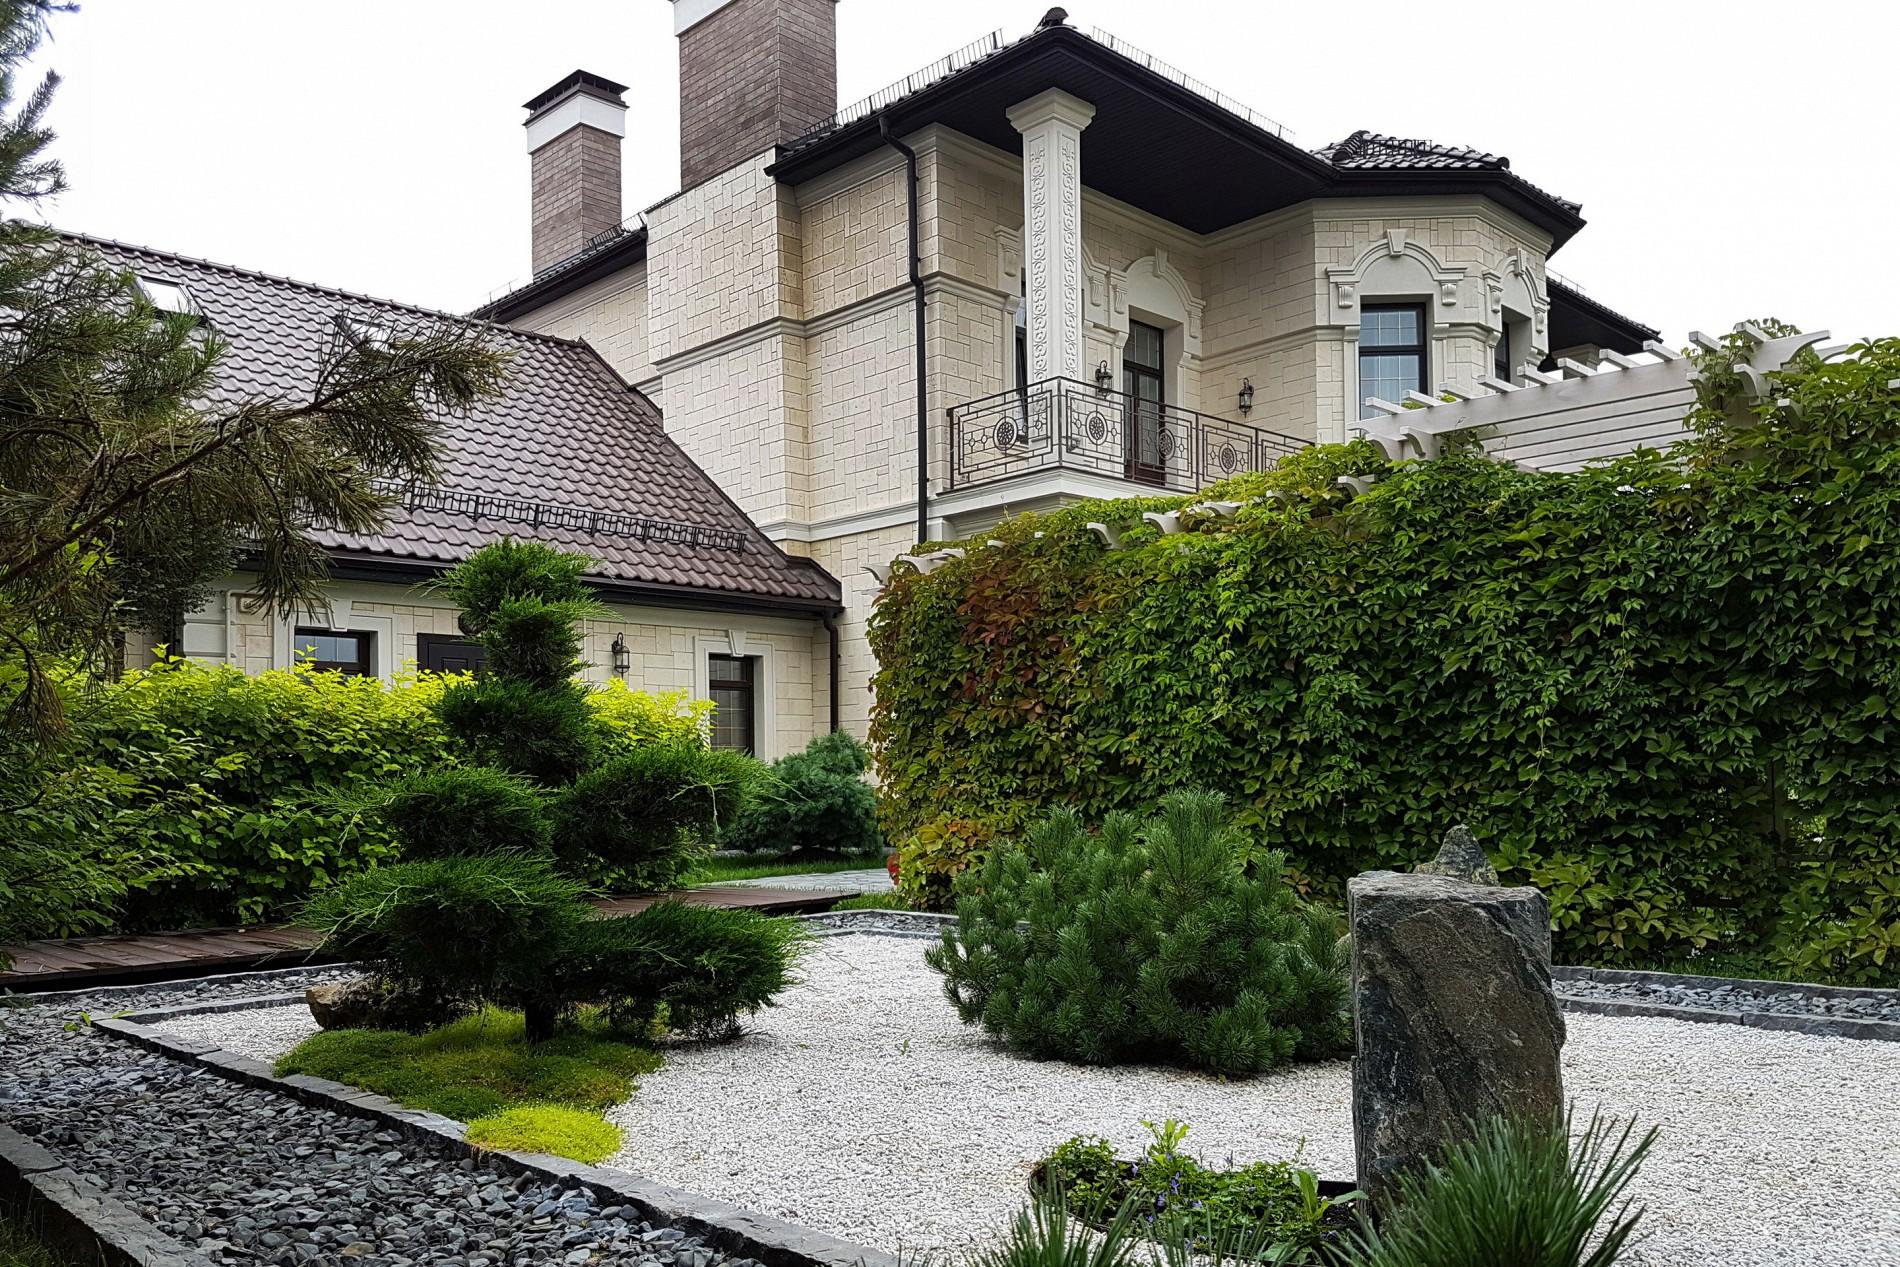 Японский сад камней в ландшафте загородного дома  в поселке Миллениум Парк